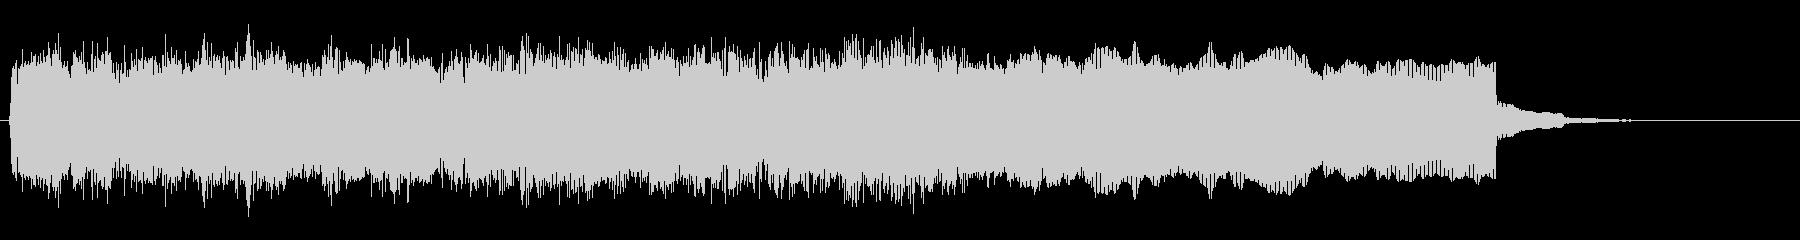 エレクトリックギター:ショートロッ...の未再生の波形